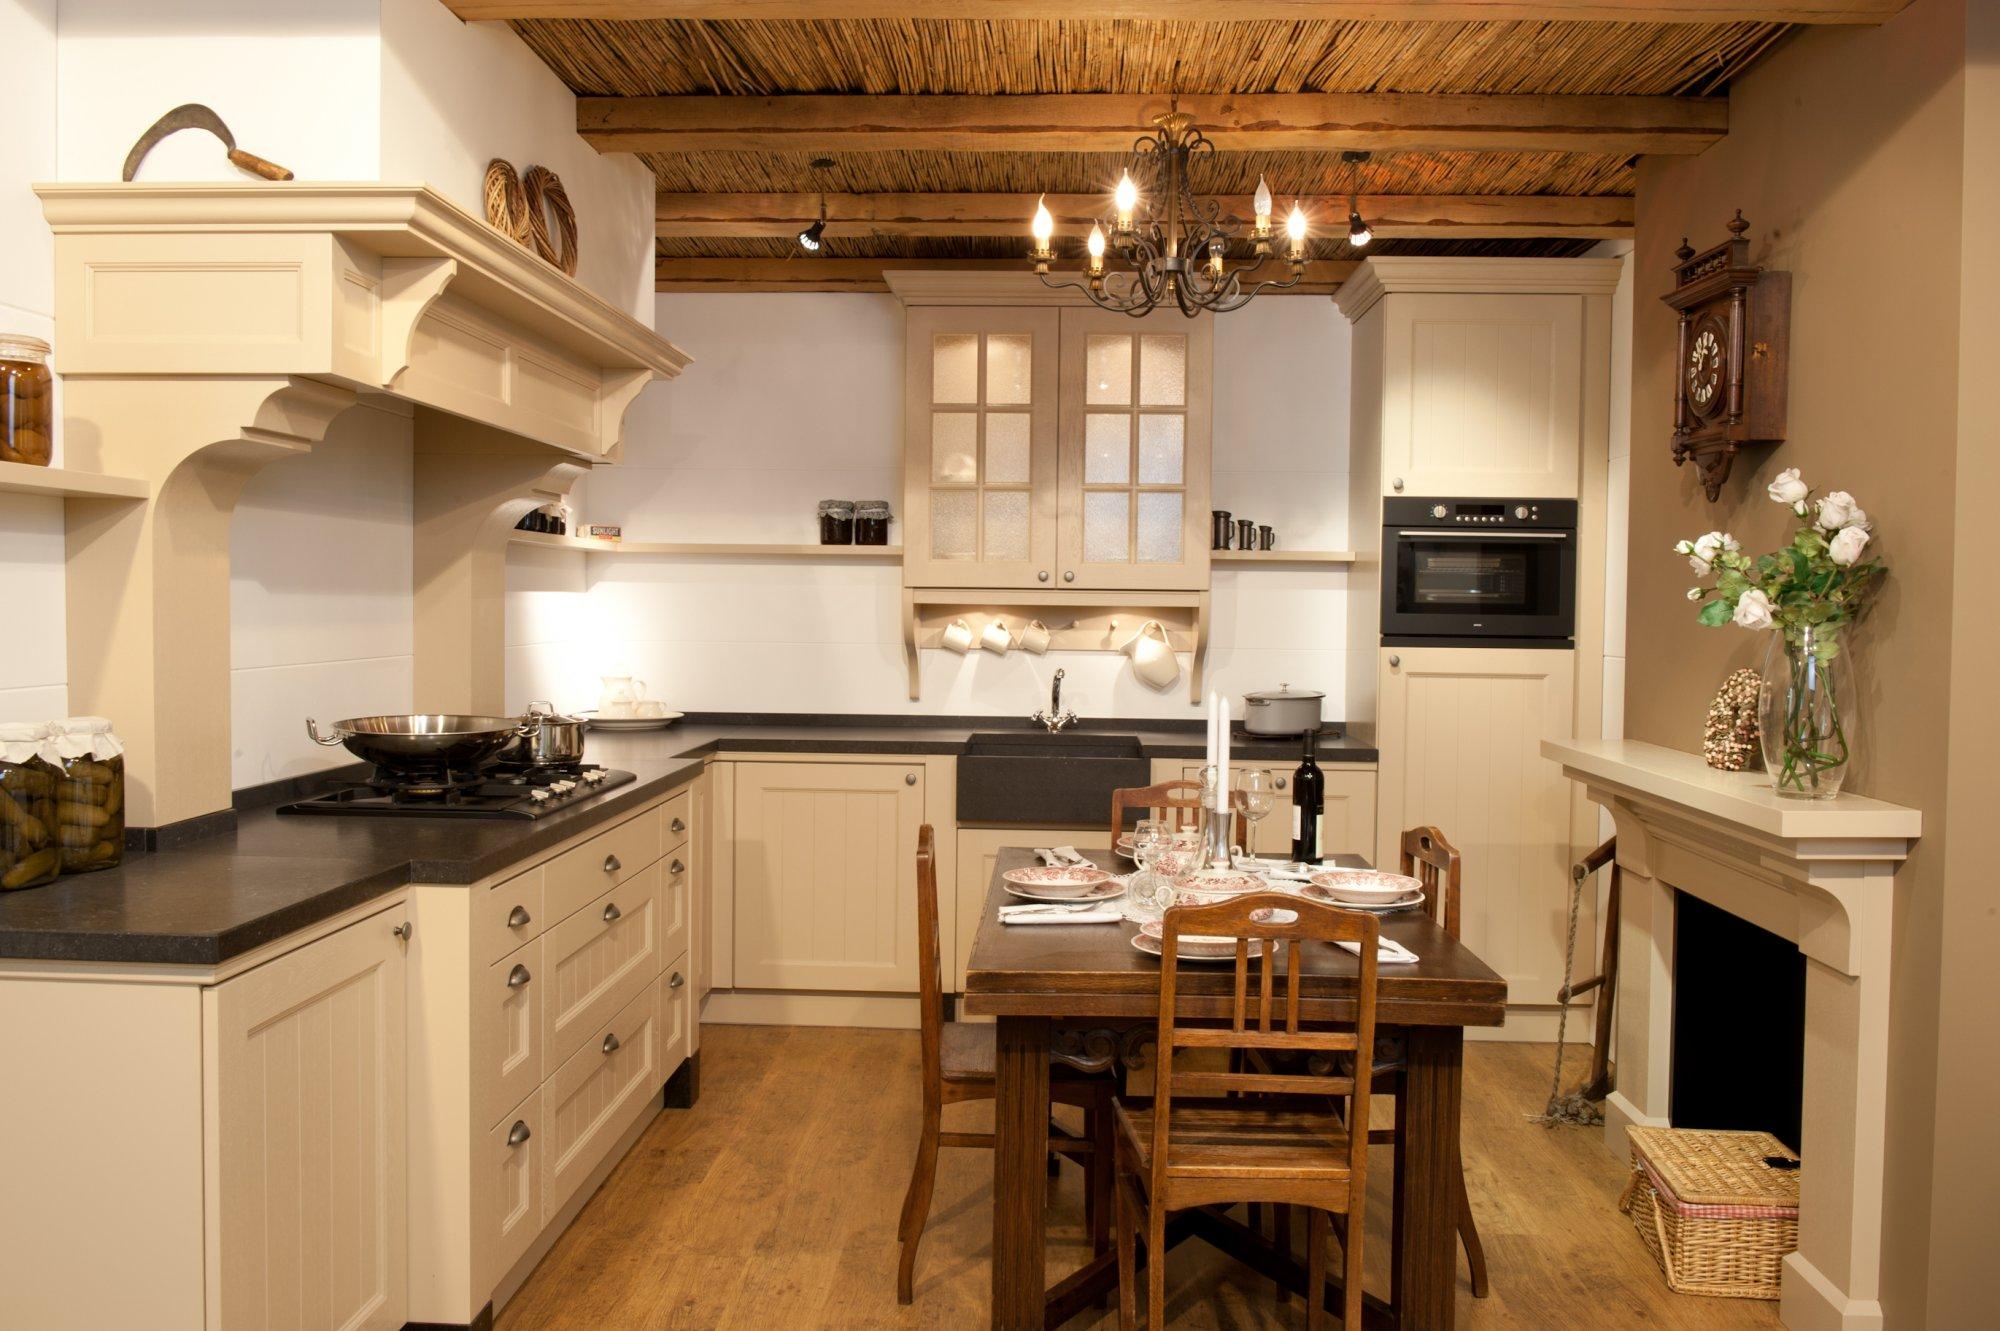 tinnemans keukens een begrip in heel limburg l1